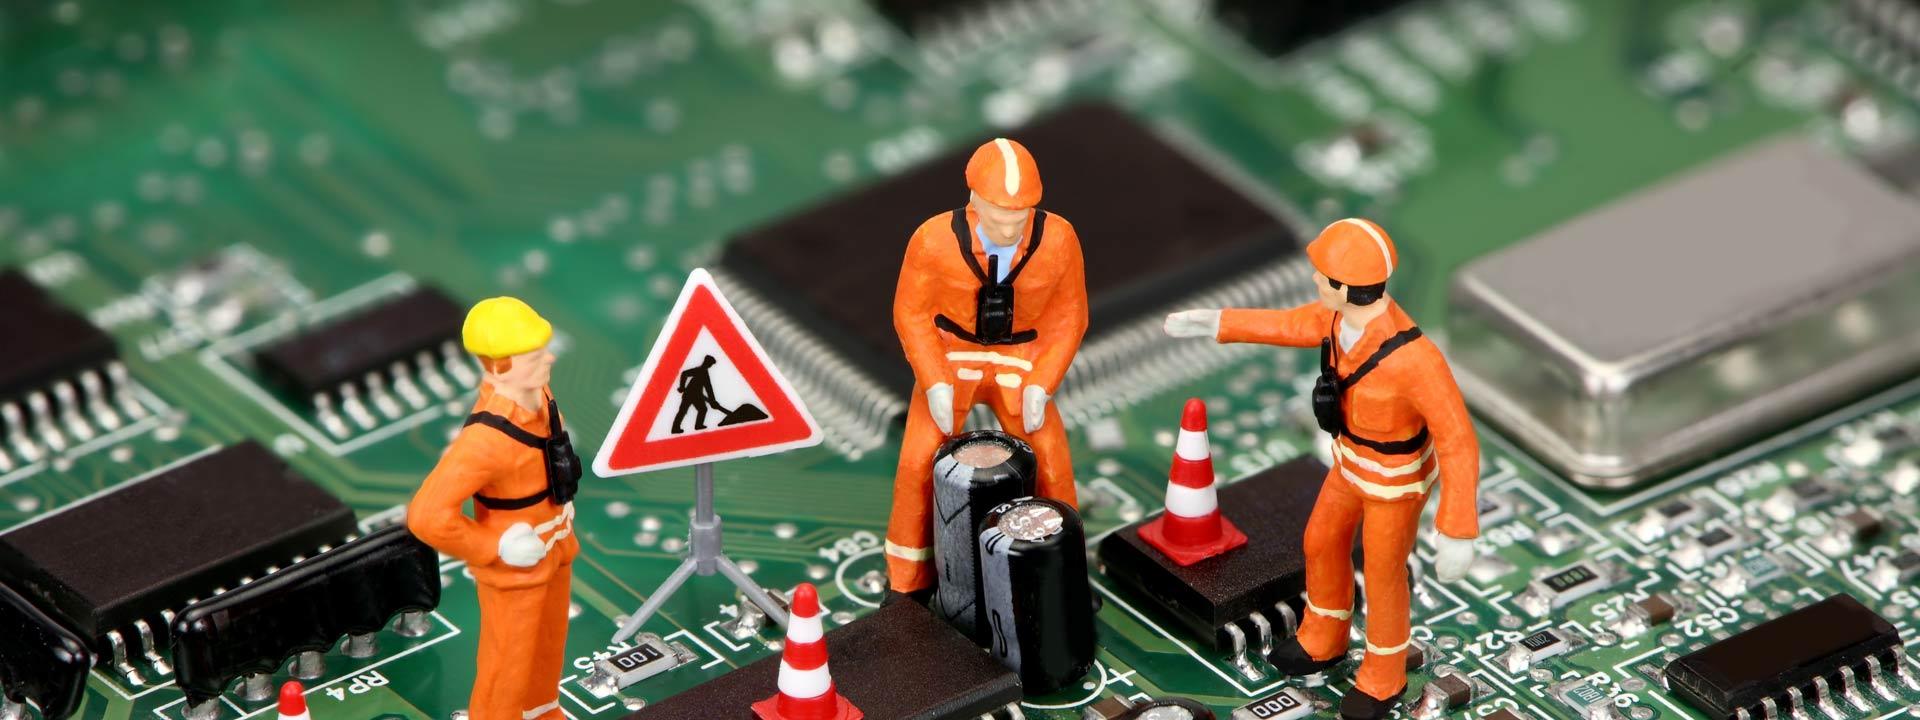 Elektropoint elektroniikka sopimusvalmistus sertifikaatit ISO 9001